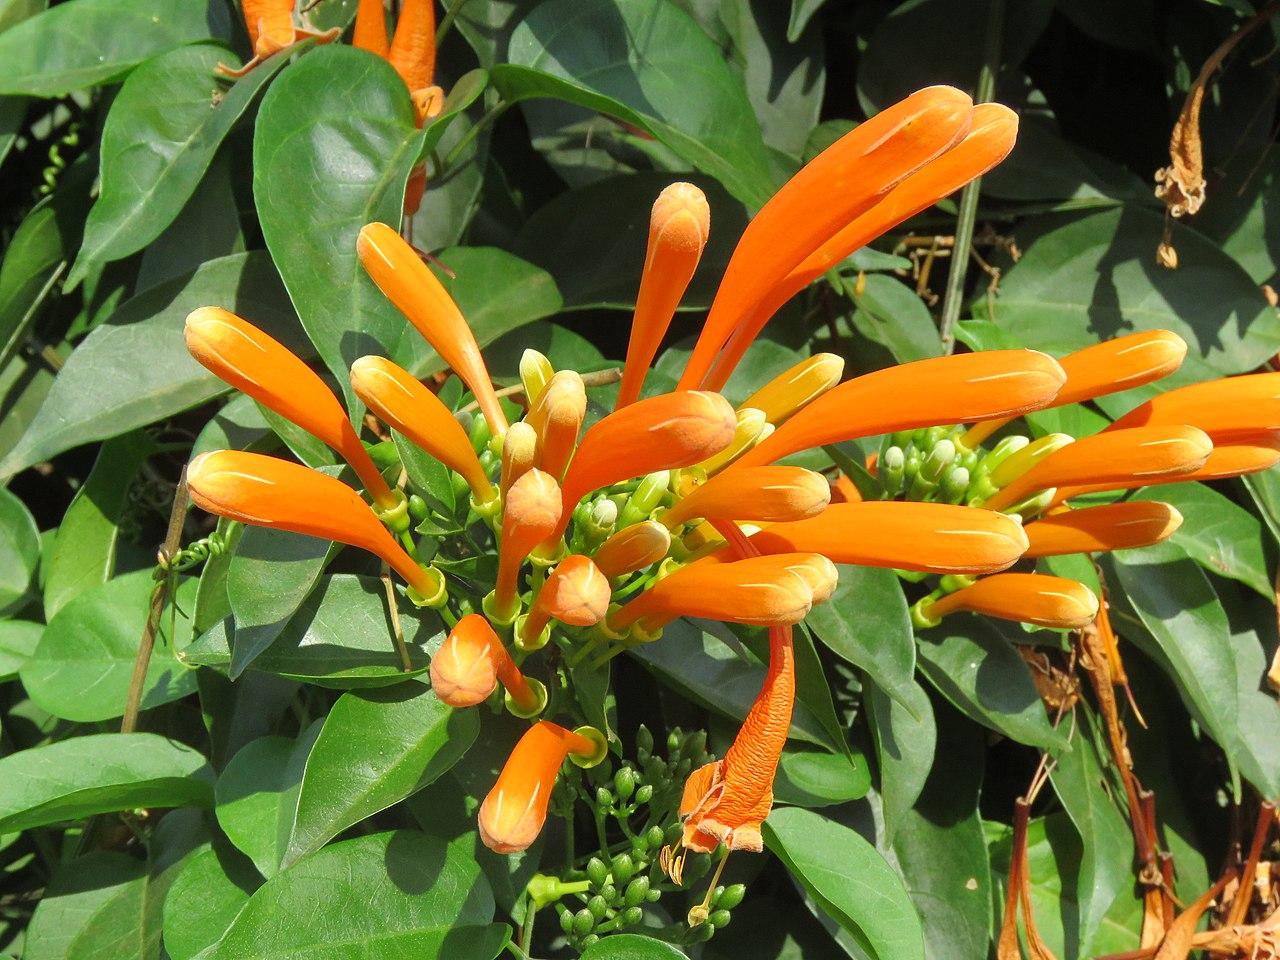 La bignonia de invierno produce flores naranjas